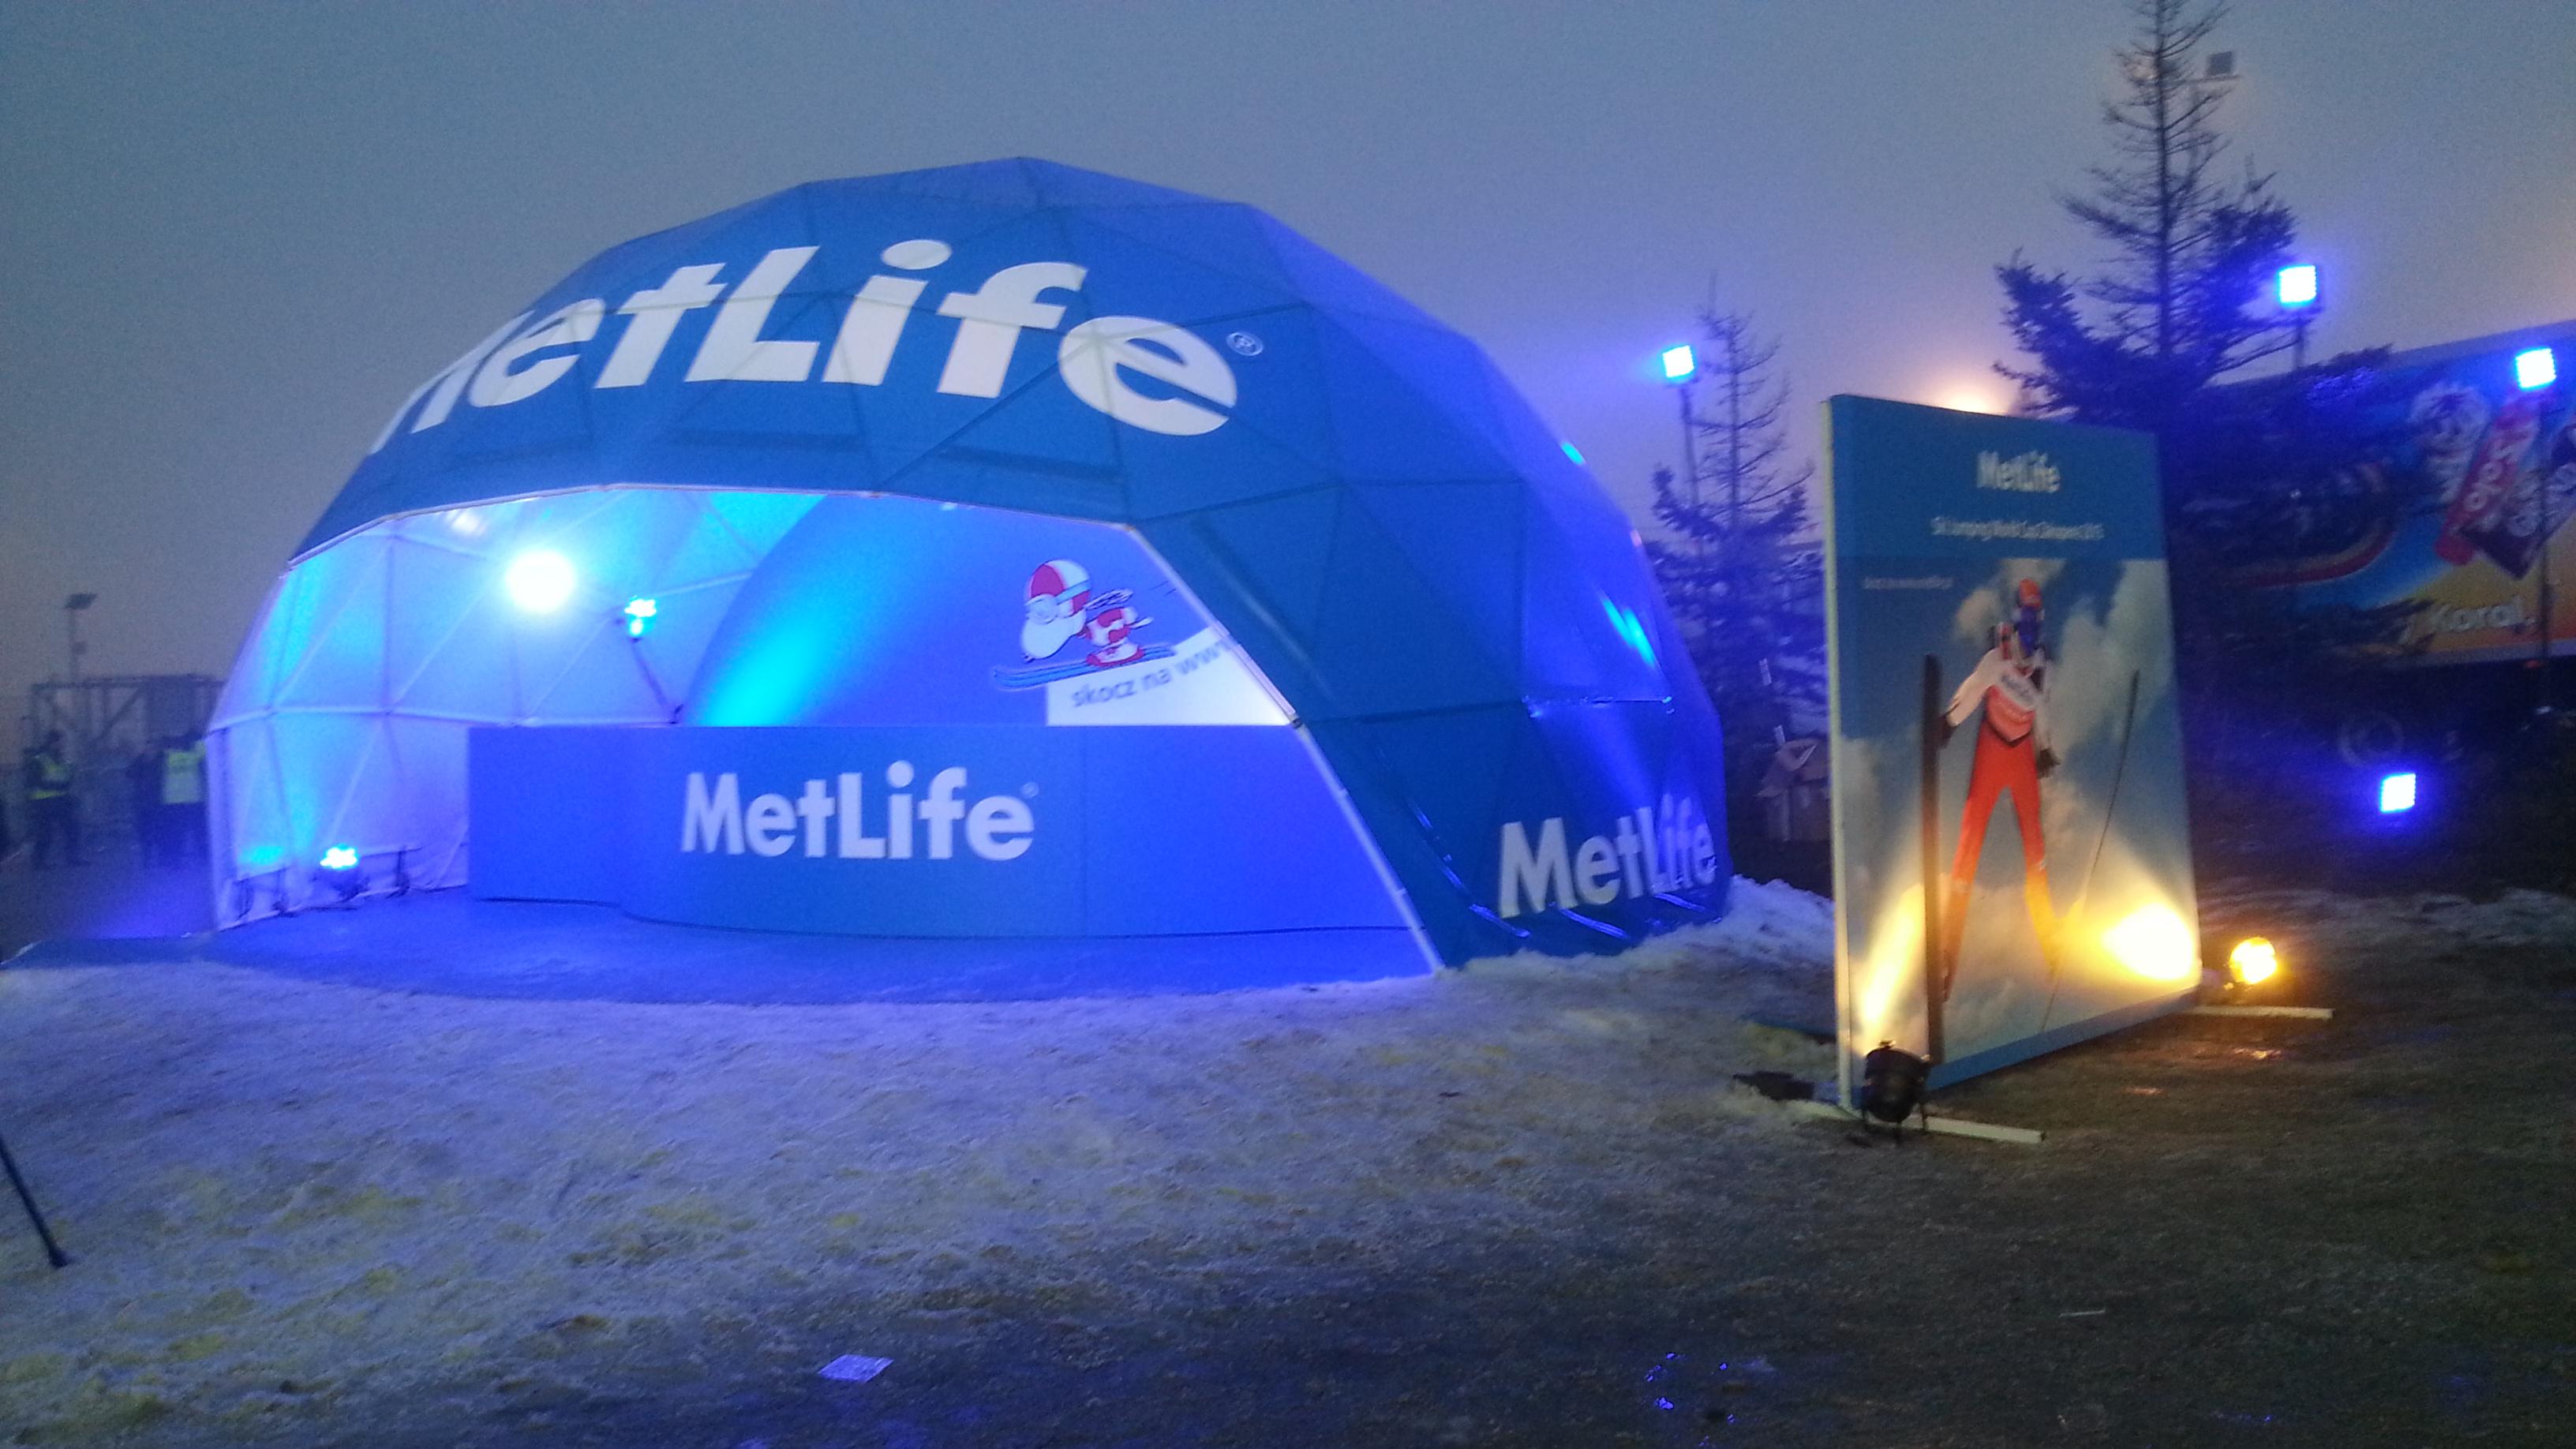 Projekt strefy Metlife na Konkurs Skoków w Zakopanem '15